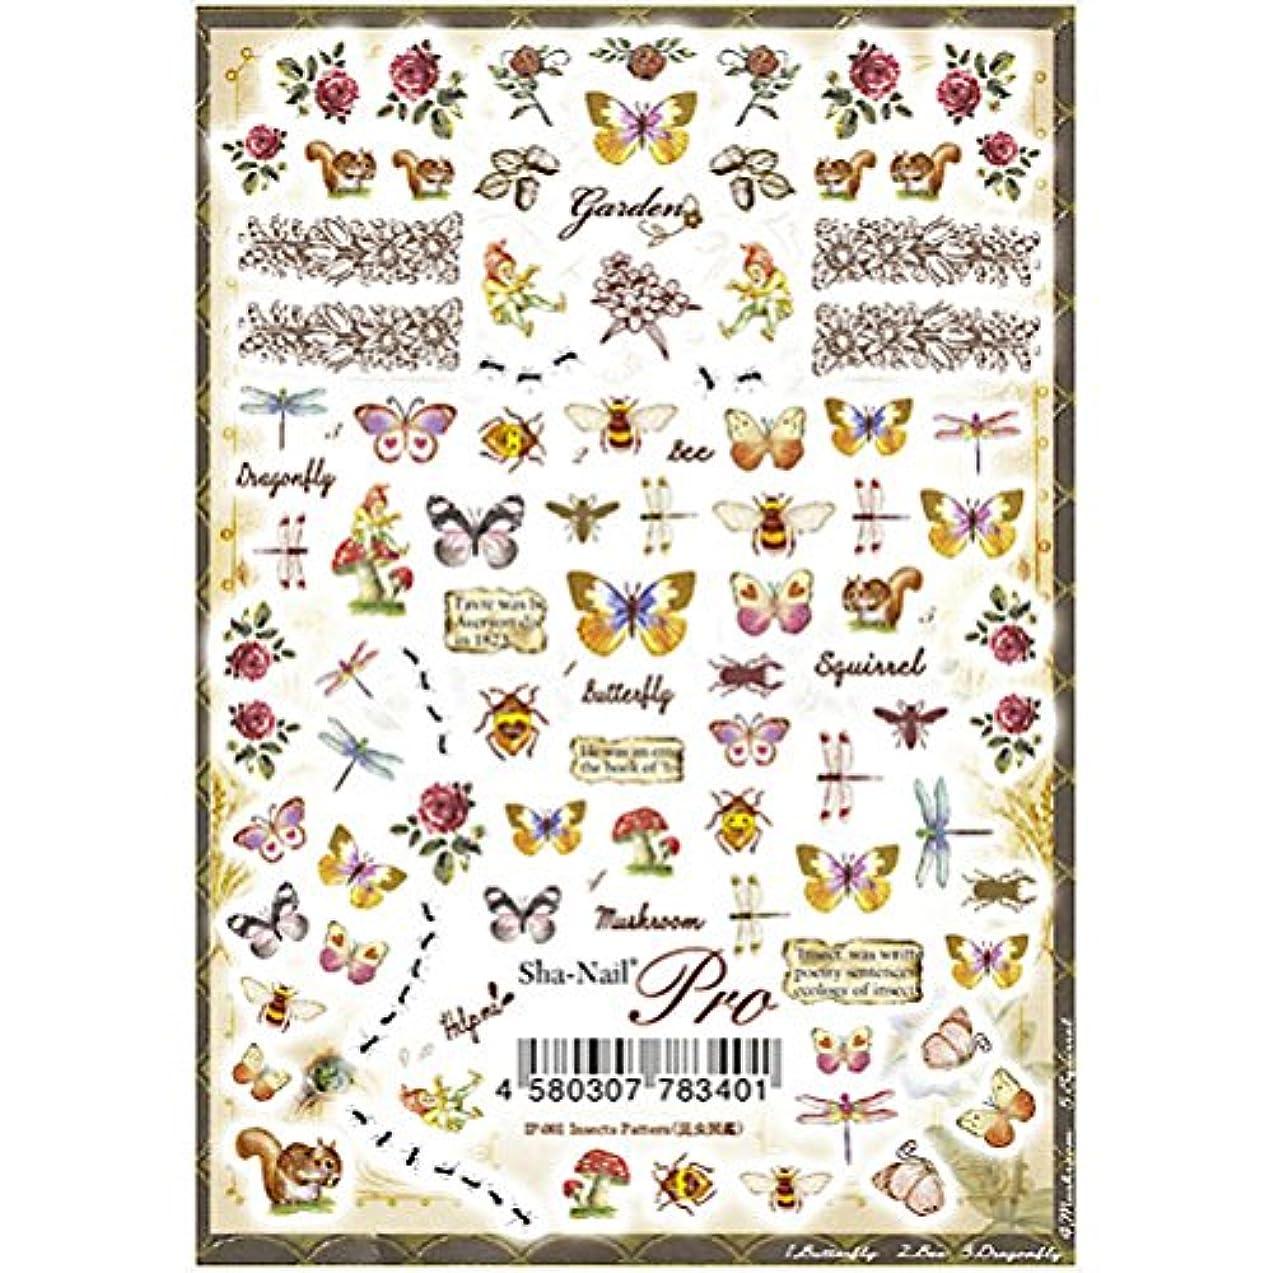 慎重にシンボル影響するSha-Nail Pro 昆虫図鑑  アート材